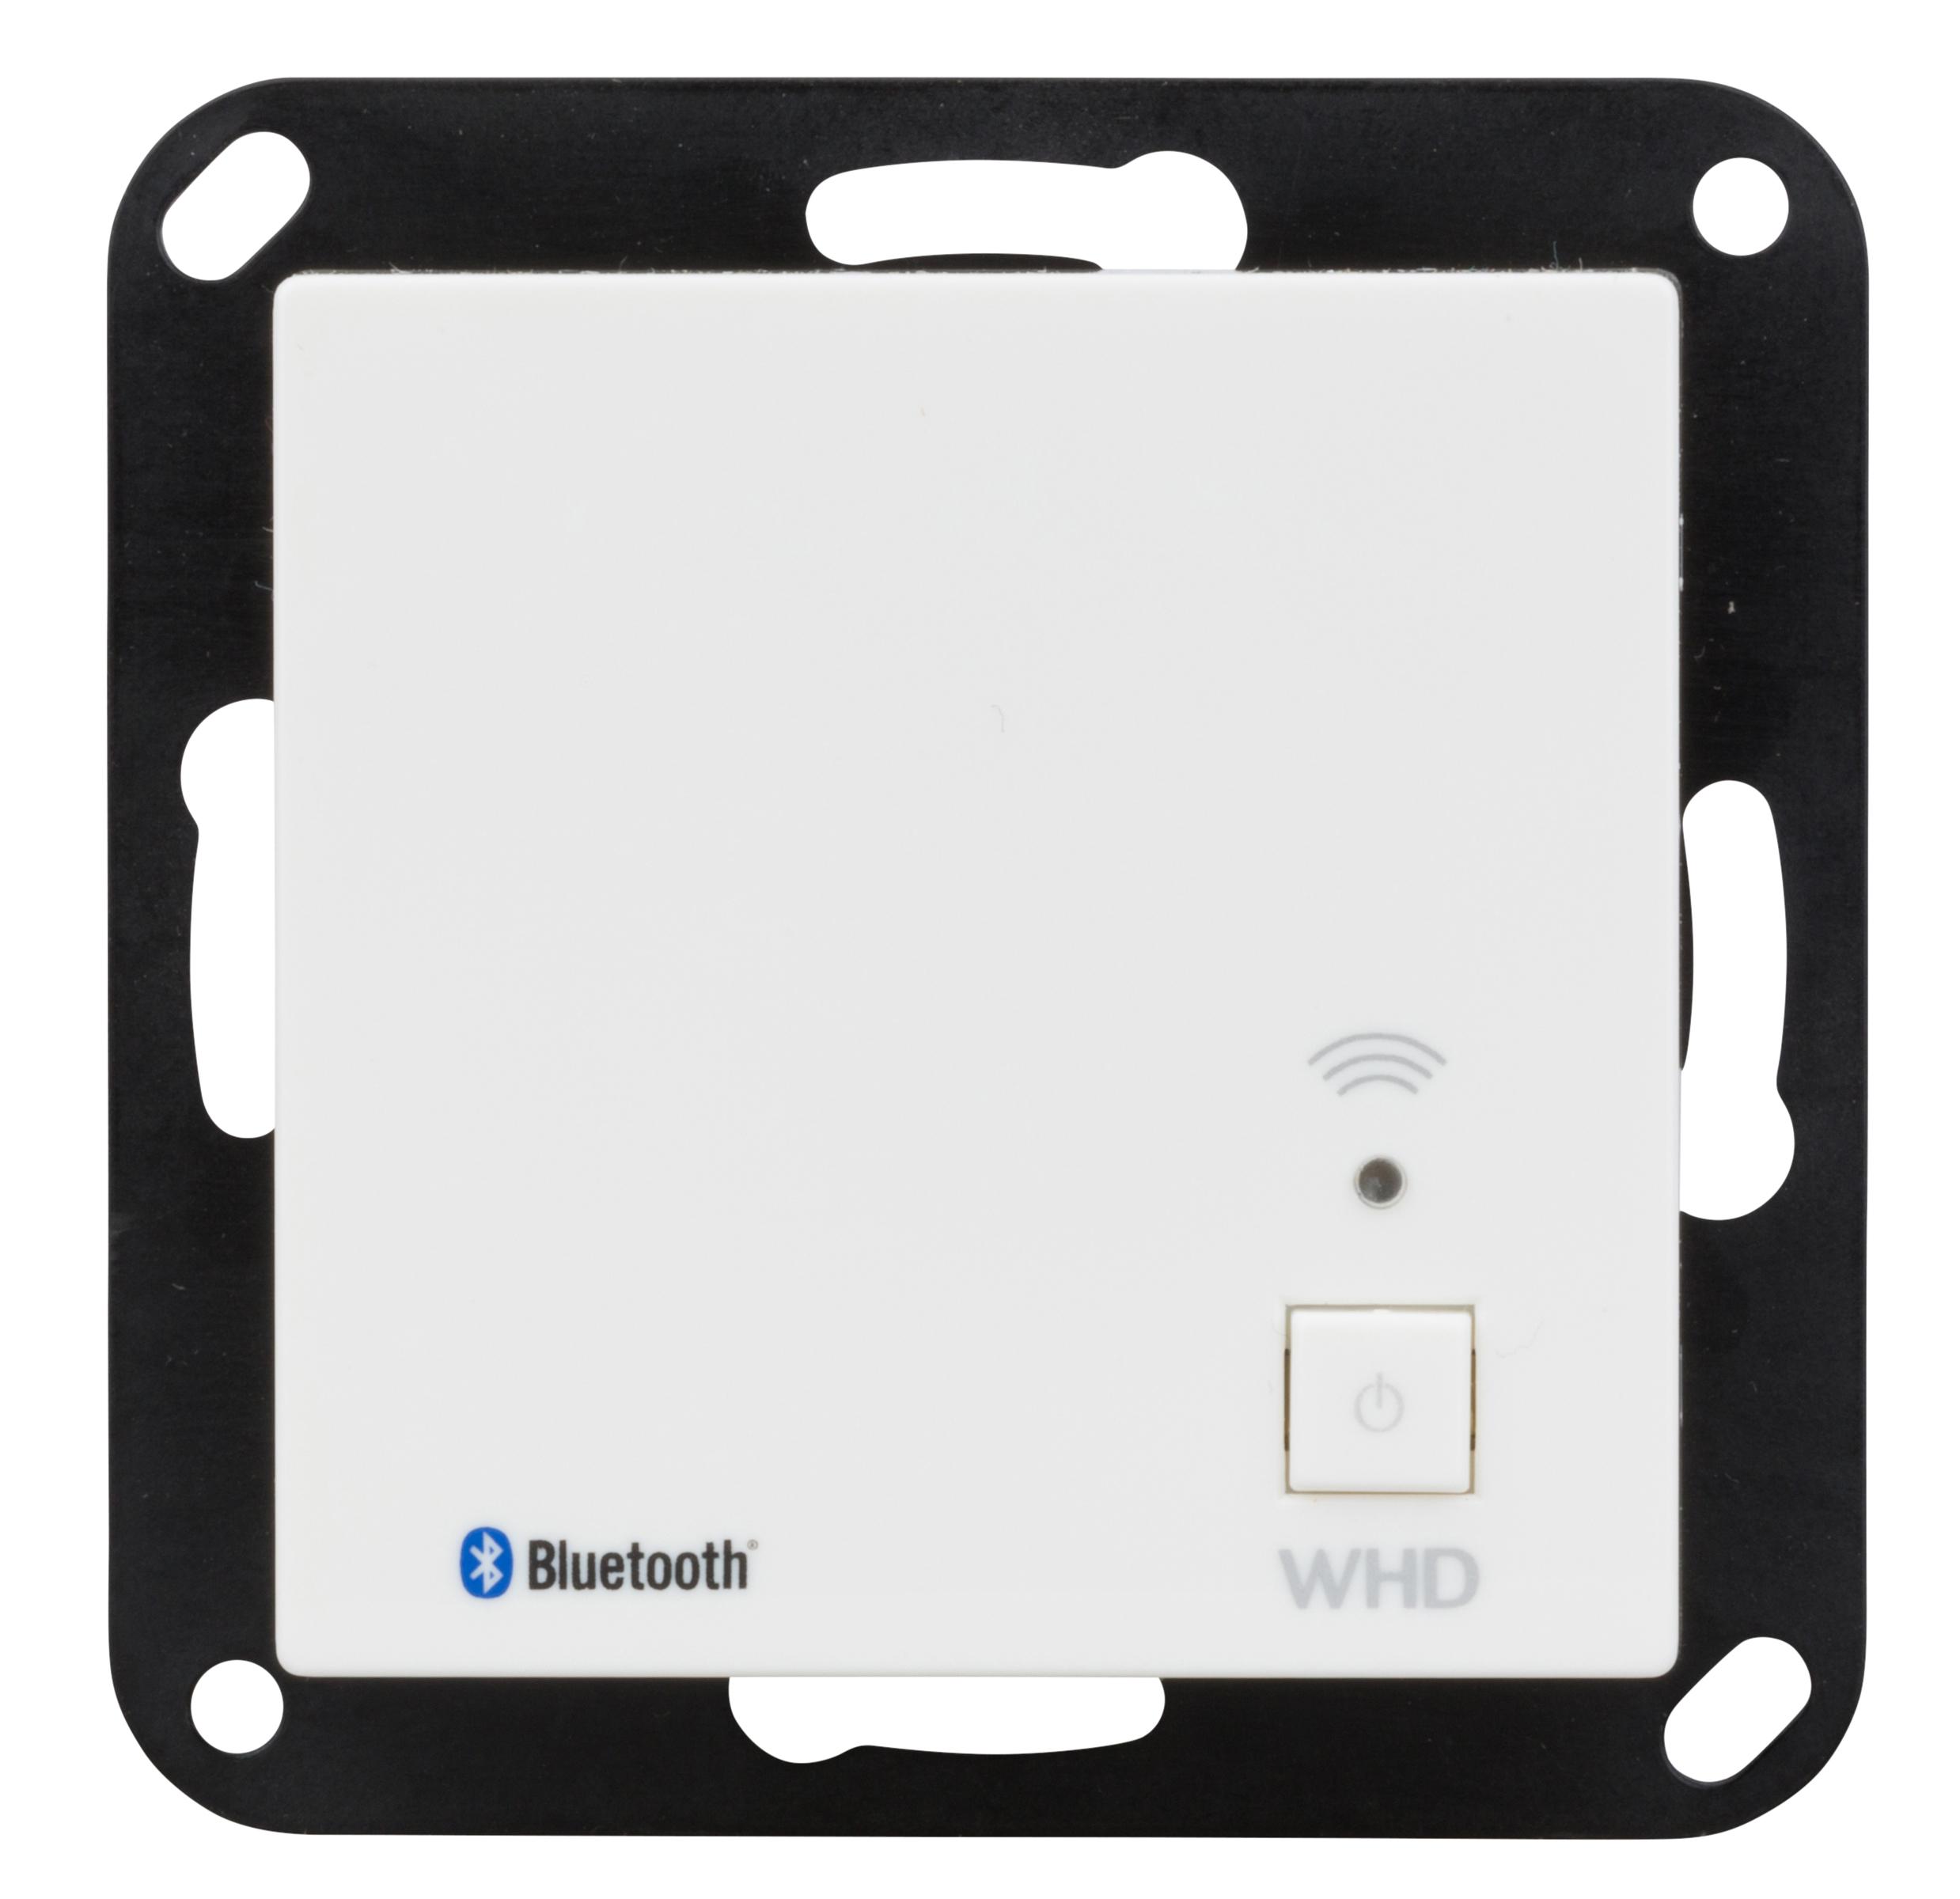 1 Stk UP Bluetooth Empfänger mit Lautsprecher, weiß EV50301201